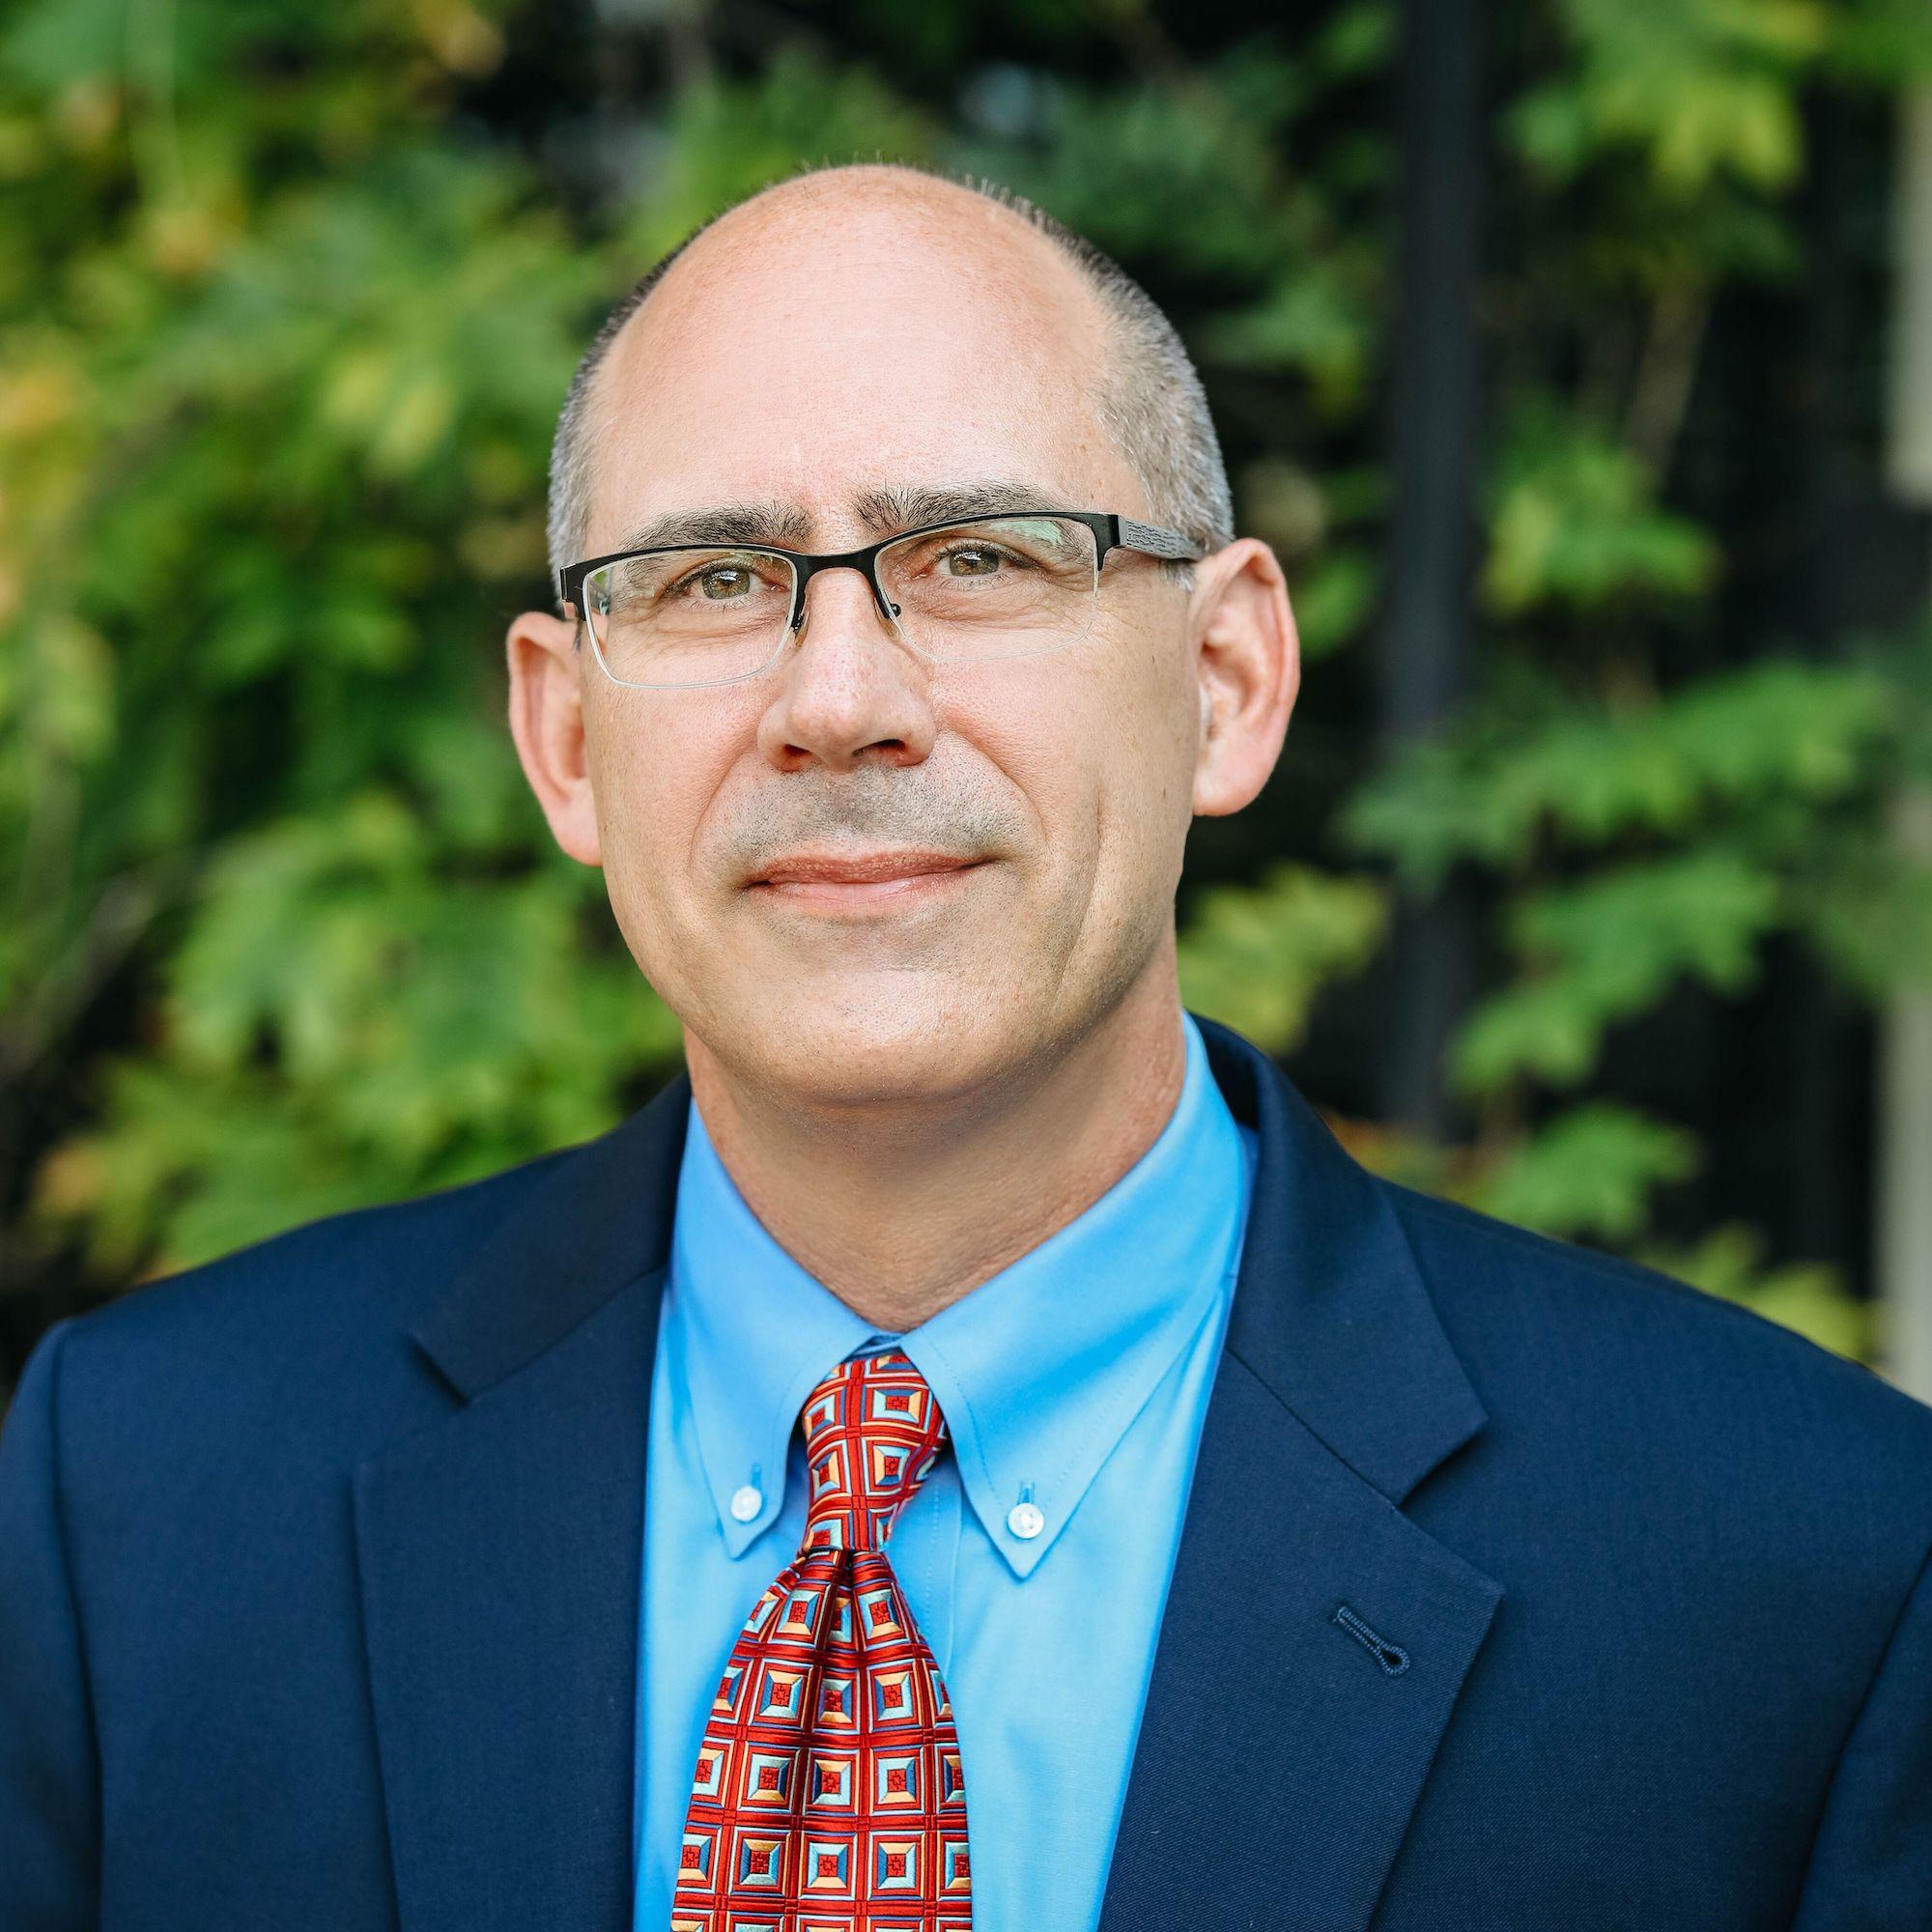 John D. Klisch